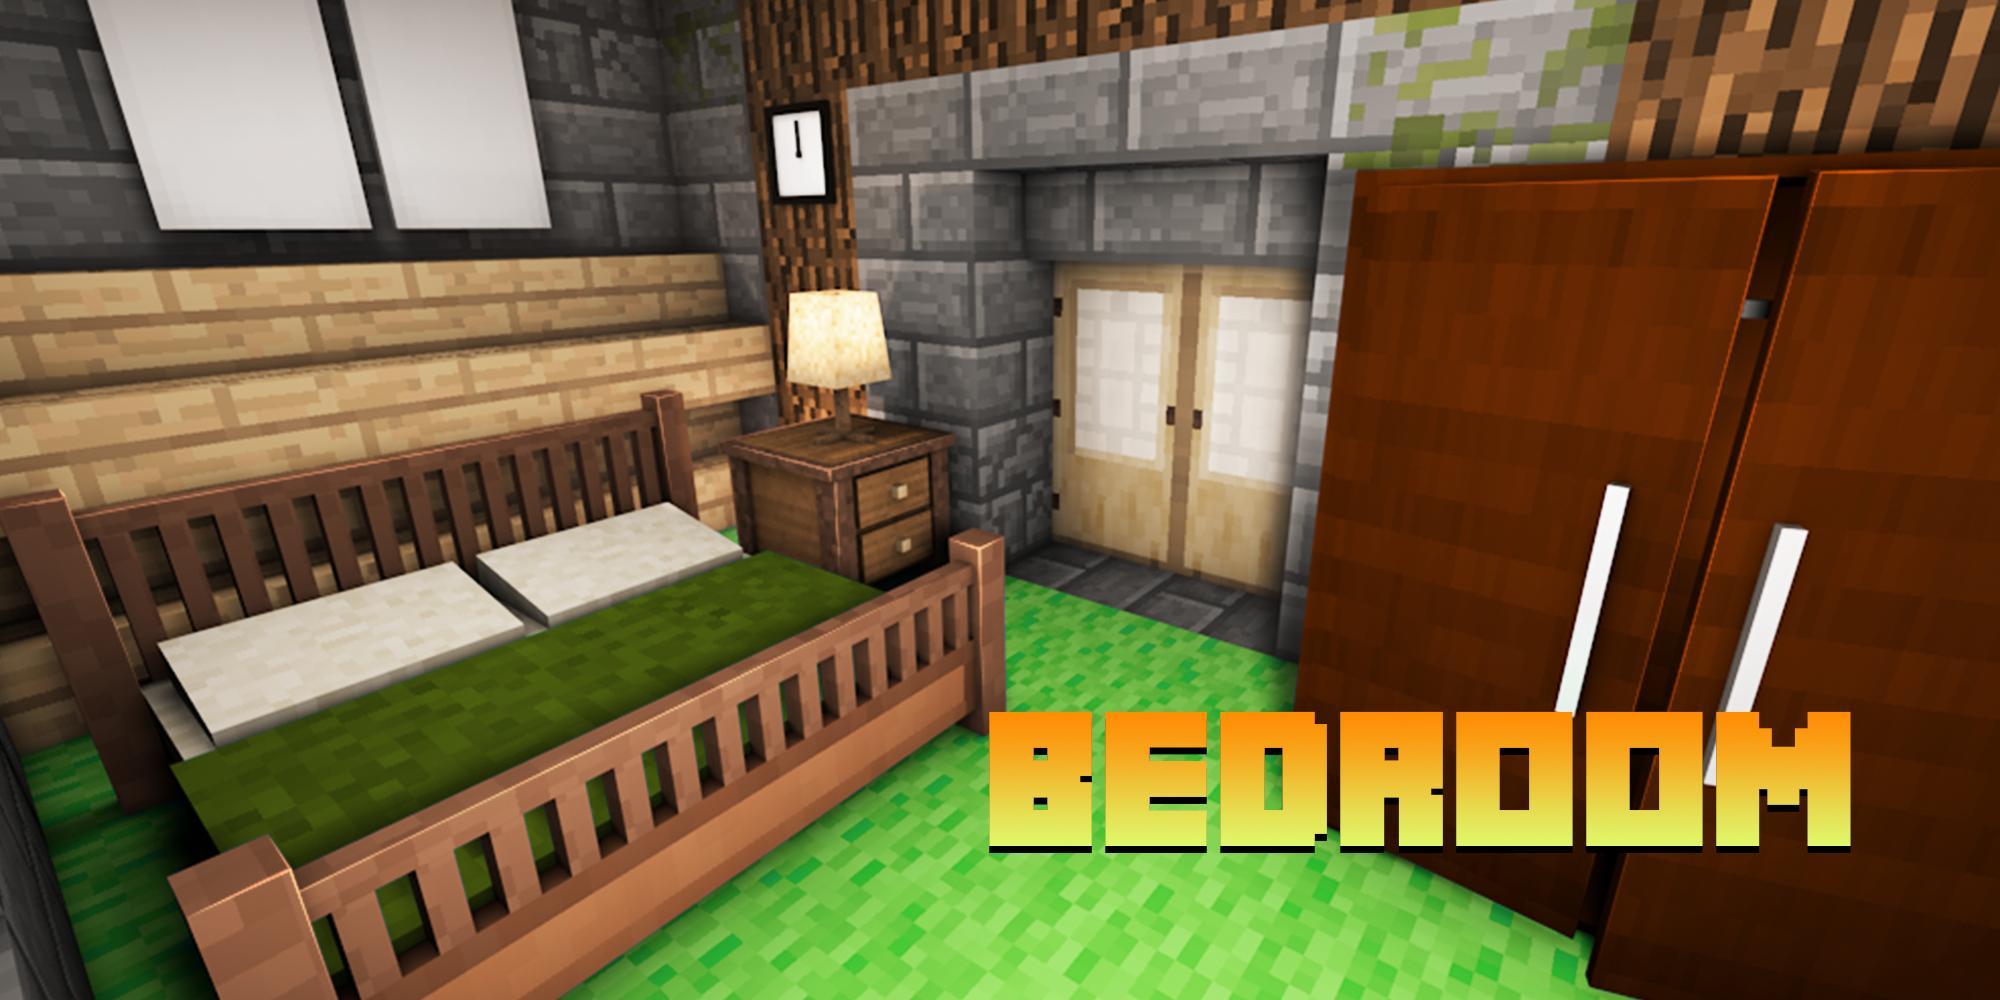 Full Size of Minecraft Küche Deckenlampe Schwingtür Wandpaneel Glas Regal Sitzbank Mit Lehne Arbeitstisch Kleine Einbauküche Tapeten Für Die L E Geräten Fliesenspiegel Wohnzimmer Minecraft Küche